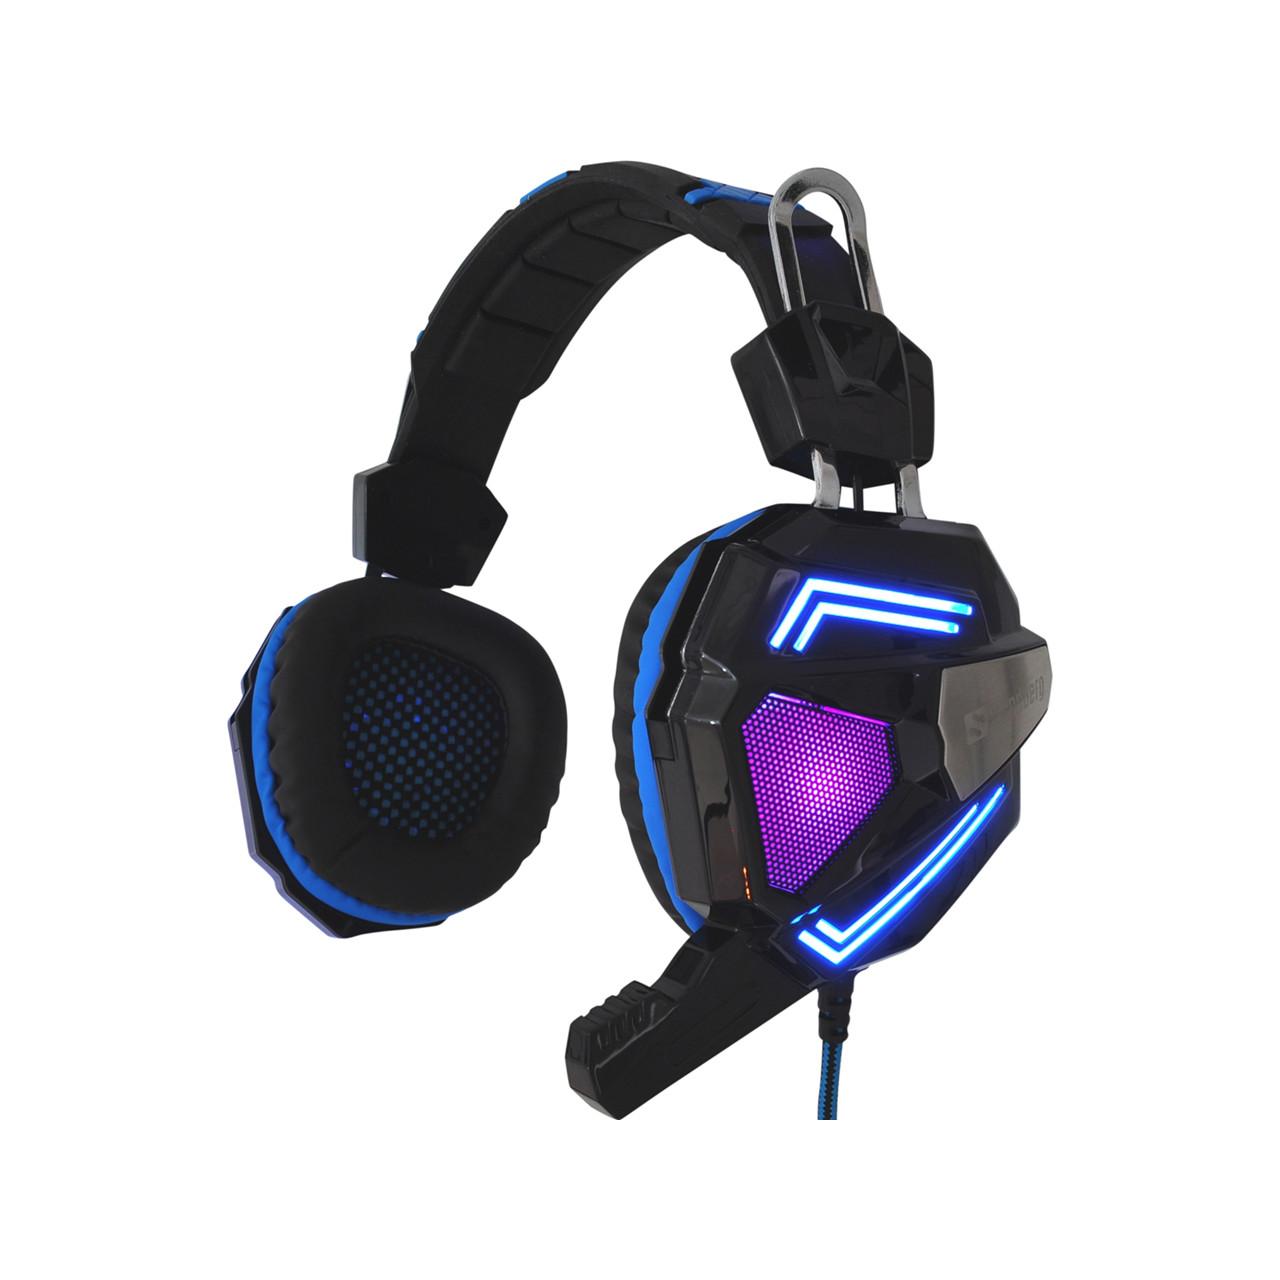 Sandberg Cyclone Gaming Headset - Køb billigt på Grafical.dk a61f02bec8fd2